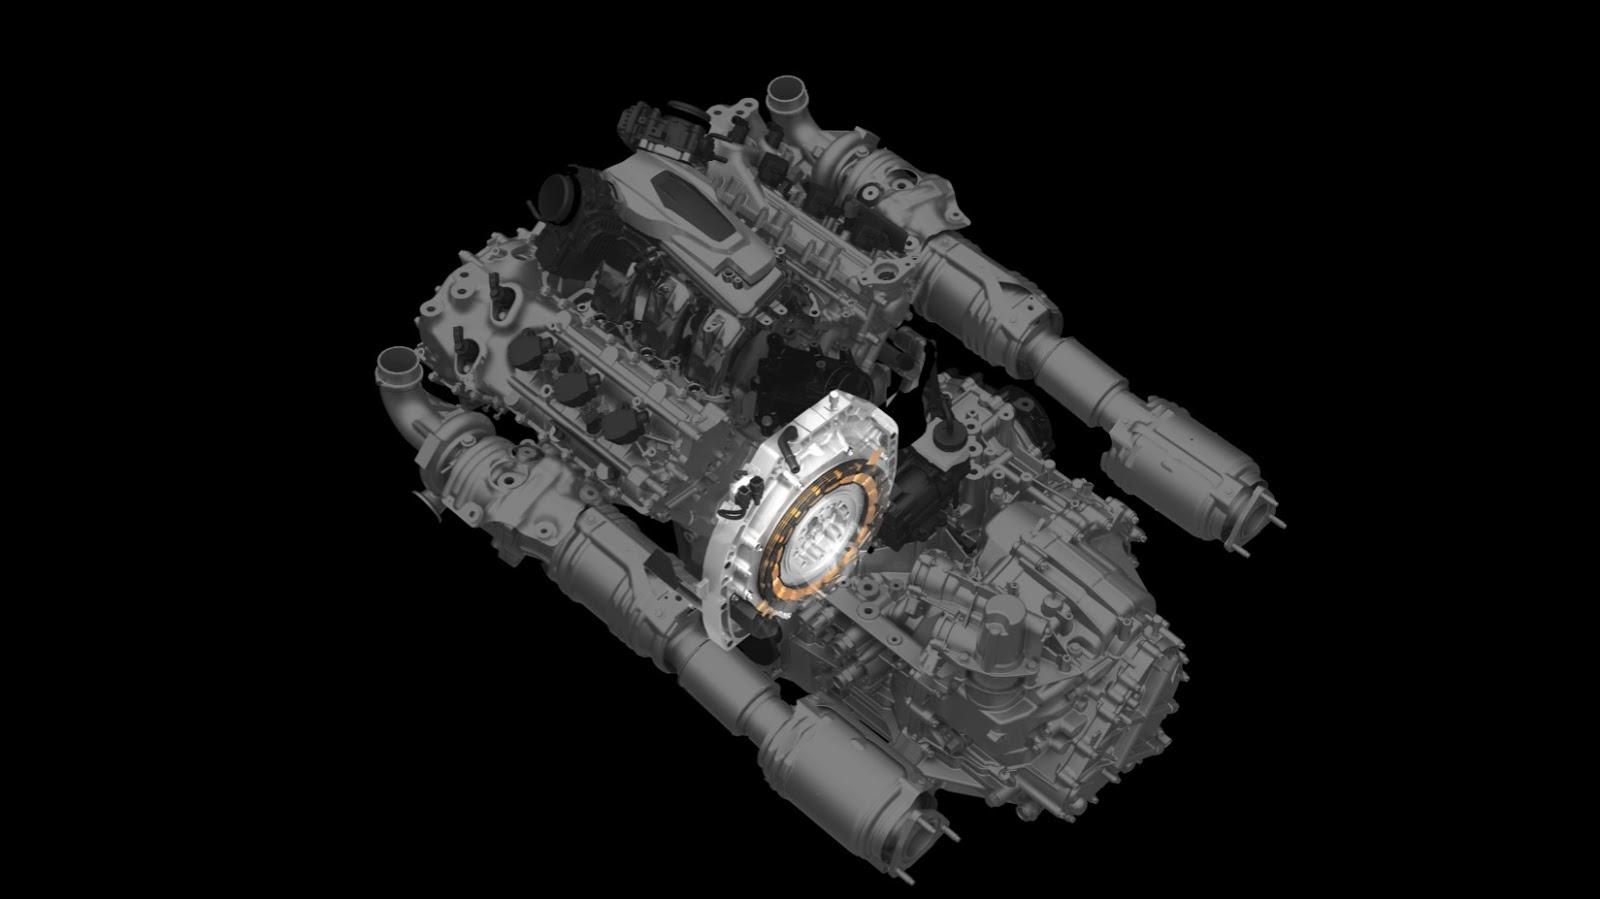 54635 2015 Honda NSX SAE Honda NSX: Ακτινογραφώντας το τέρας car, cars, Honda, Honda NSX, NSX, zblog, ιπποδύναμη, μεταχειρισμένο, πισωκίνητο, τετρακίνητο, υβριδικό, Χοντα, ψαρ